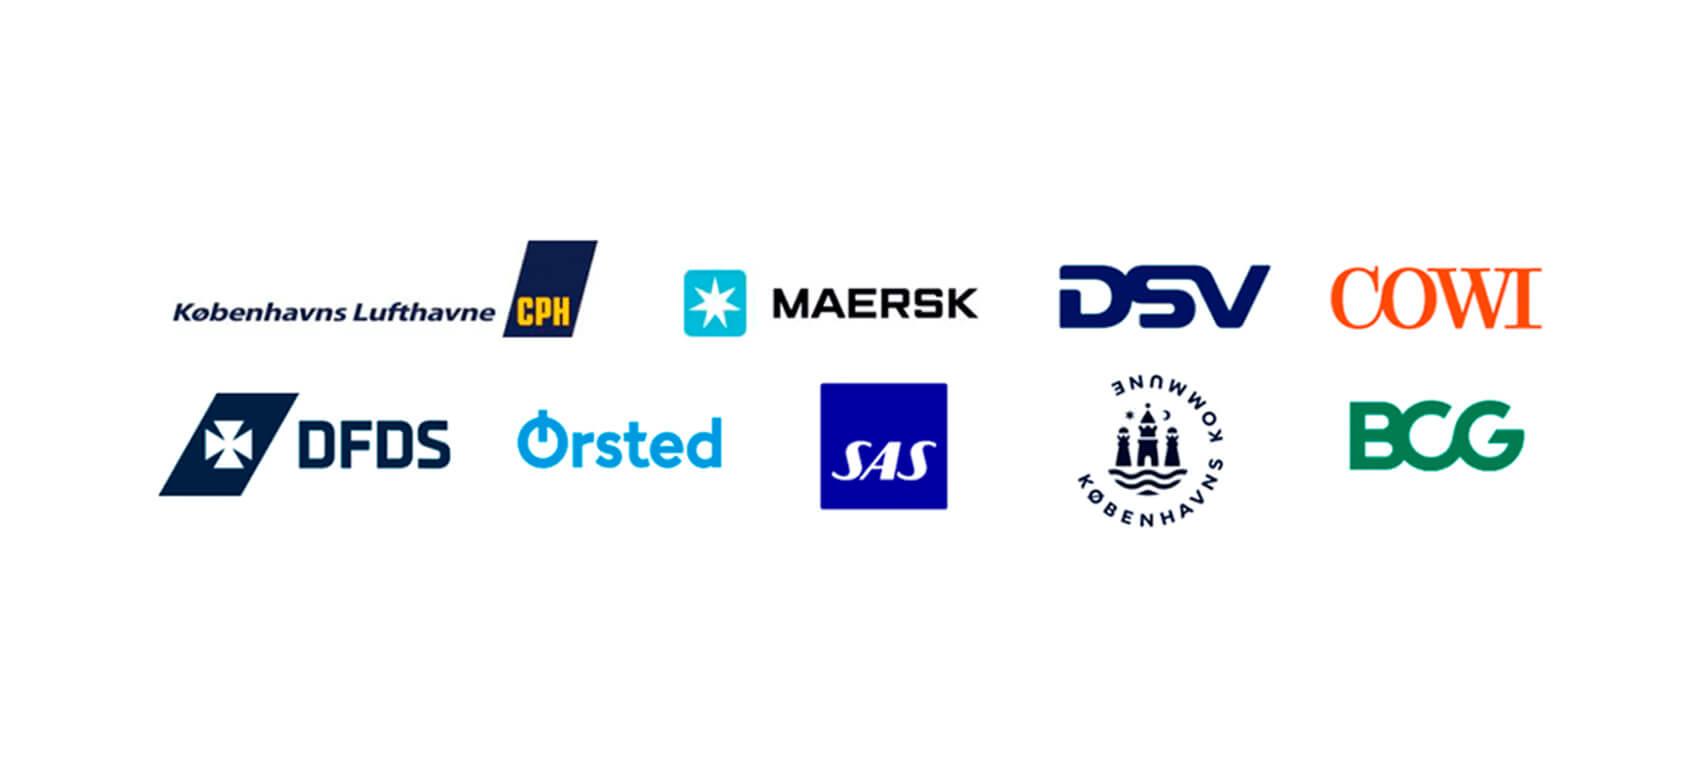 Førende danske selskaber går sammen om ambitiøst projekt inden for bæredygtige brændstoffer